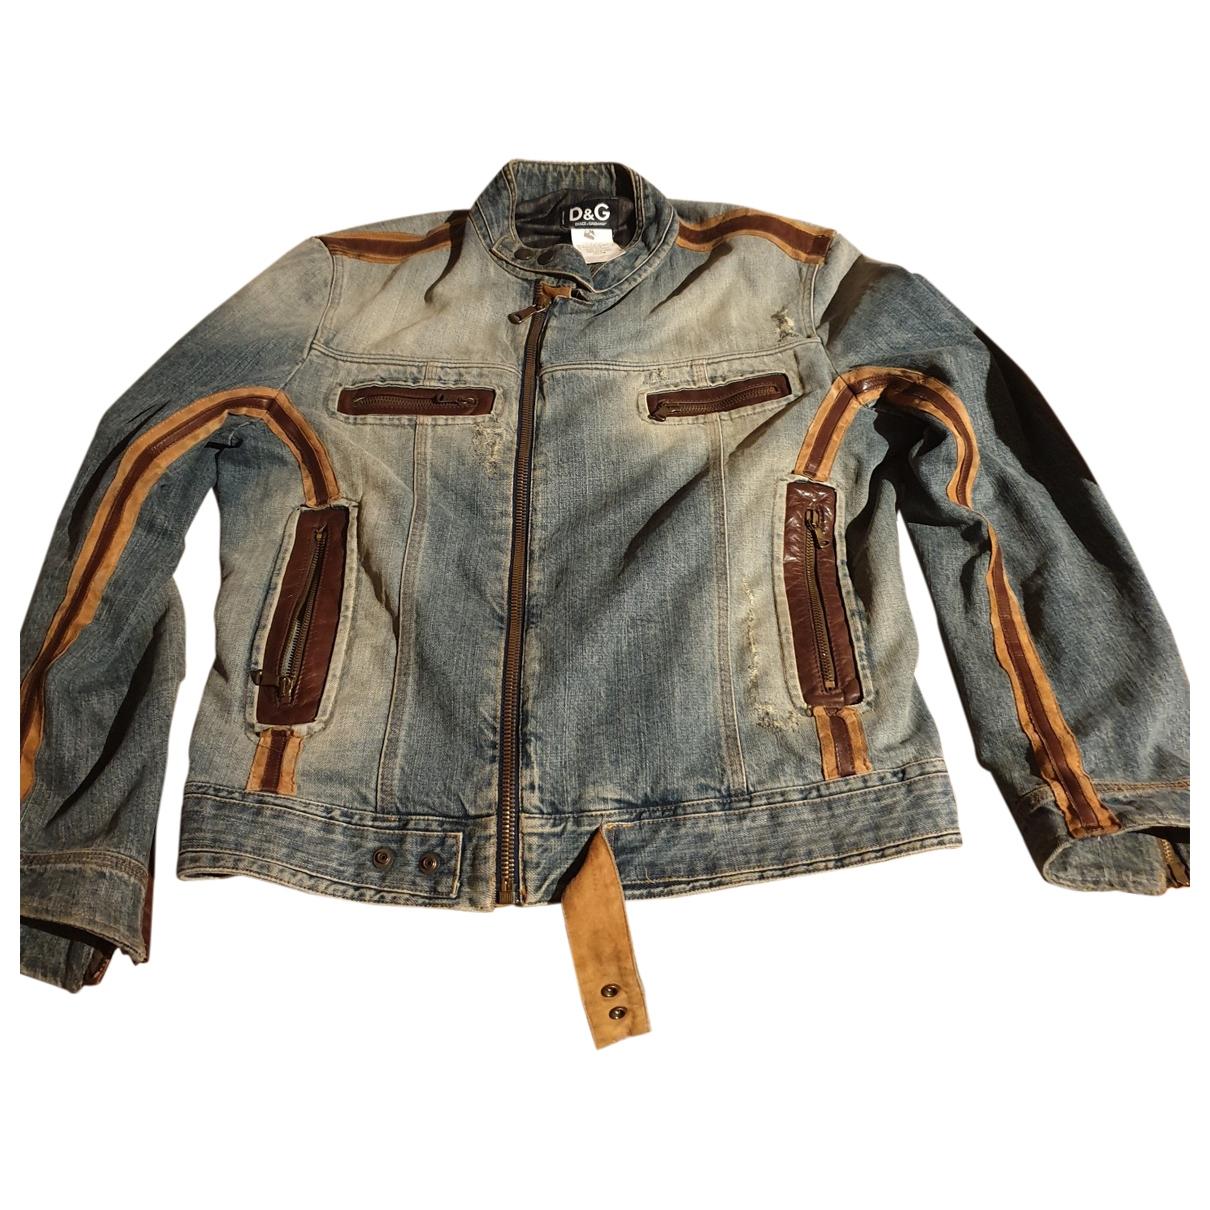 D&g \N Denim - Jeans jacket  for Men XL International